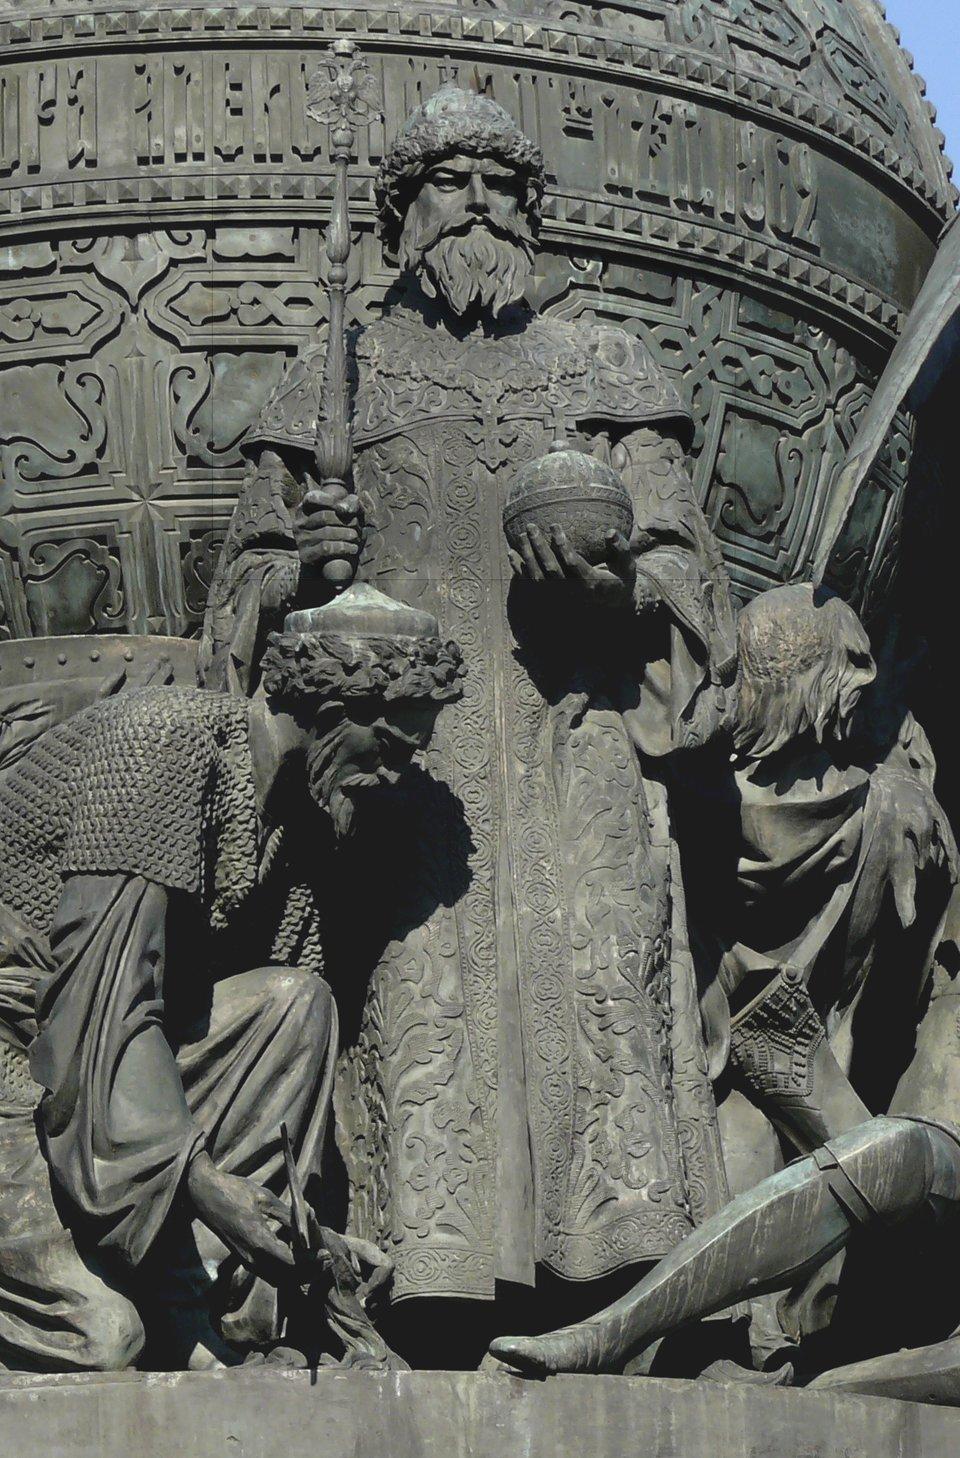 """Car Iwan III Srogi (1562-1505) na pomniku """"tysiąclecia Rosji"""" wNowogrodzie Wielkim wzniesionym w1862 r. Elementpomnika nazwany: """"Założenie jedynowładczego (samodzierżawnego) carstwa rosyjskiego 1491"""" – Iwan III, nazywany Srogim lub Wielkim, przedstawiony został wtradycyjnych szatach carskich ztzw. """"czapką Monomacha"""" (koronacyjne nakrycie głowy wielkich książąt moskiewskich, apóźniej carów); ustóp władcy leżą pokonani wbitwach Litwin irycerz zakonny ze złamanym mieczem. Na planie tylnym figura symbolizująca """"Sybiraka"""" – nowy cel ekspansji. Nazwa Carstwo Rosyjskie jest ahistoryczna dla postaci Iwana III, ponieważ dopiero w1547 r. odbyła się koronacja Iwana IV Groźnego na cara Wszechrusi (tytuł ten długo jeszcze nie był uznawany przez państwo polsko-litewskie). Źródło: Дар Ветер, Car Iwan III Srogi (1562-1505) na pomniku """"tysiąclecia Rosji"""" wNowogrodzie Wielkim wzniesionym w1862 r., 2010, fotografia, licencja: CC BY-SA 3.0."""